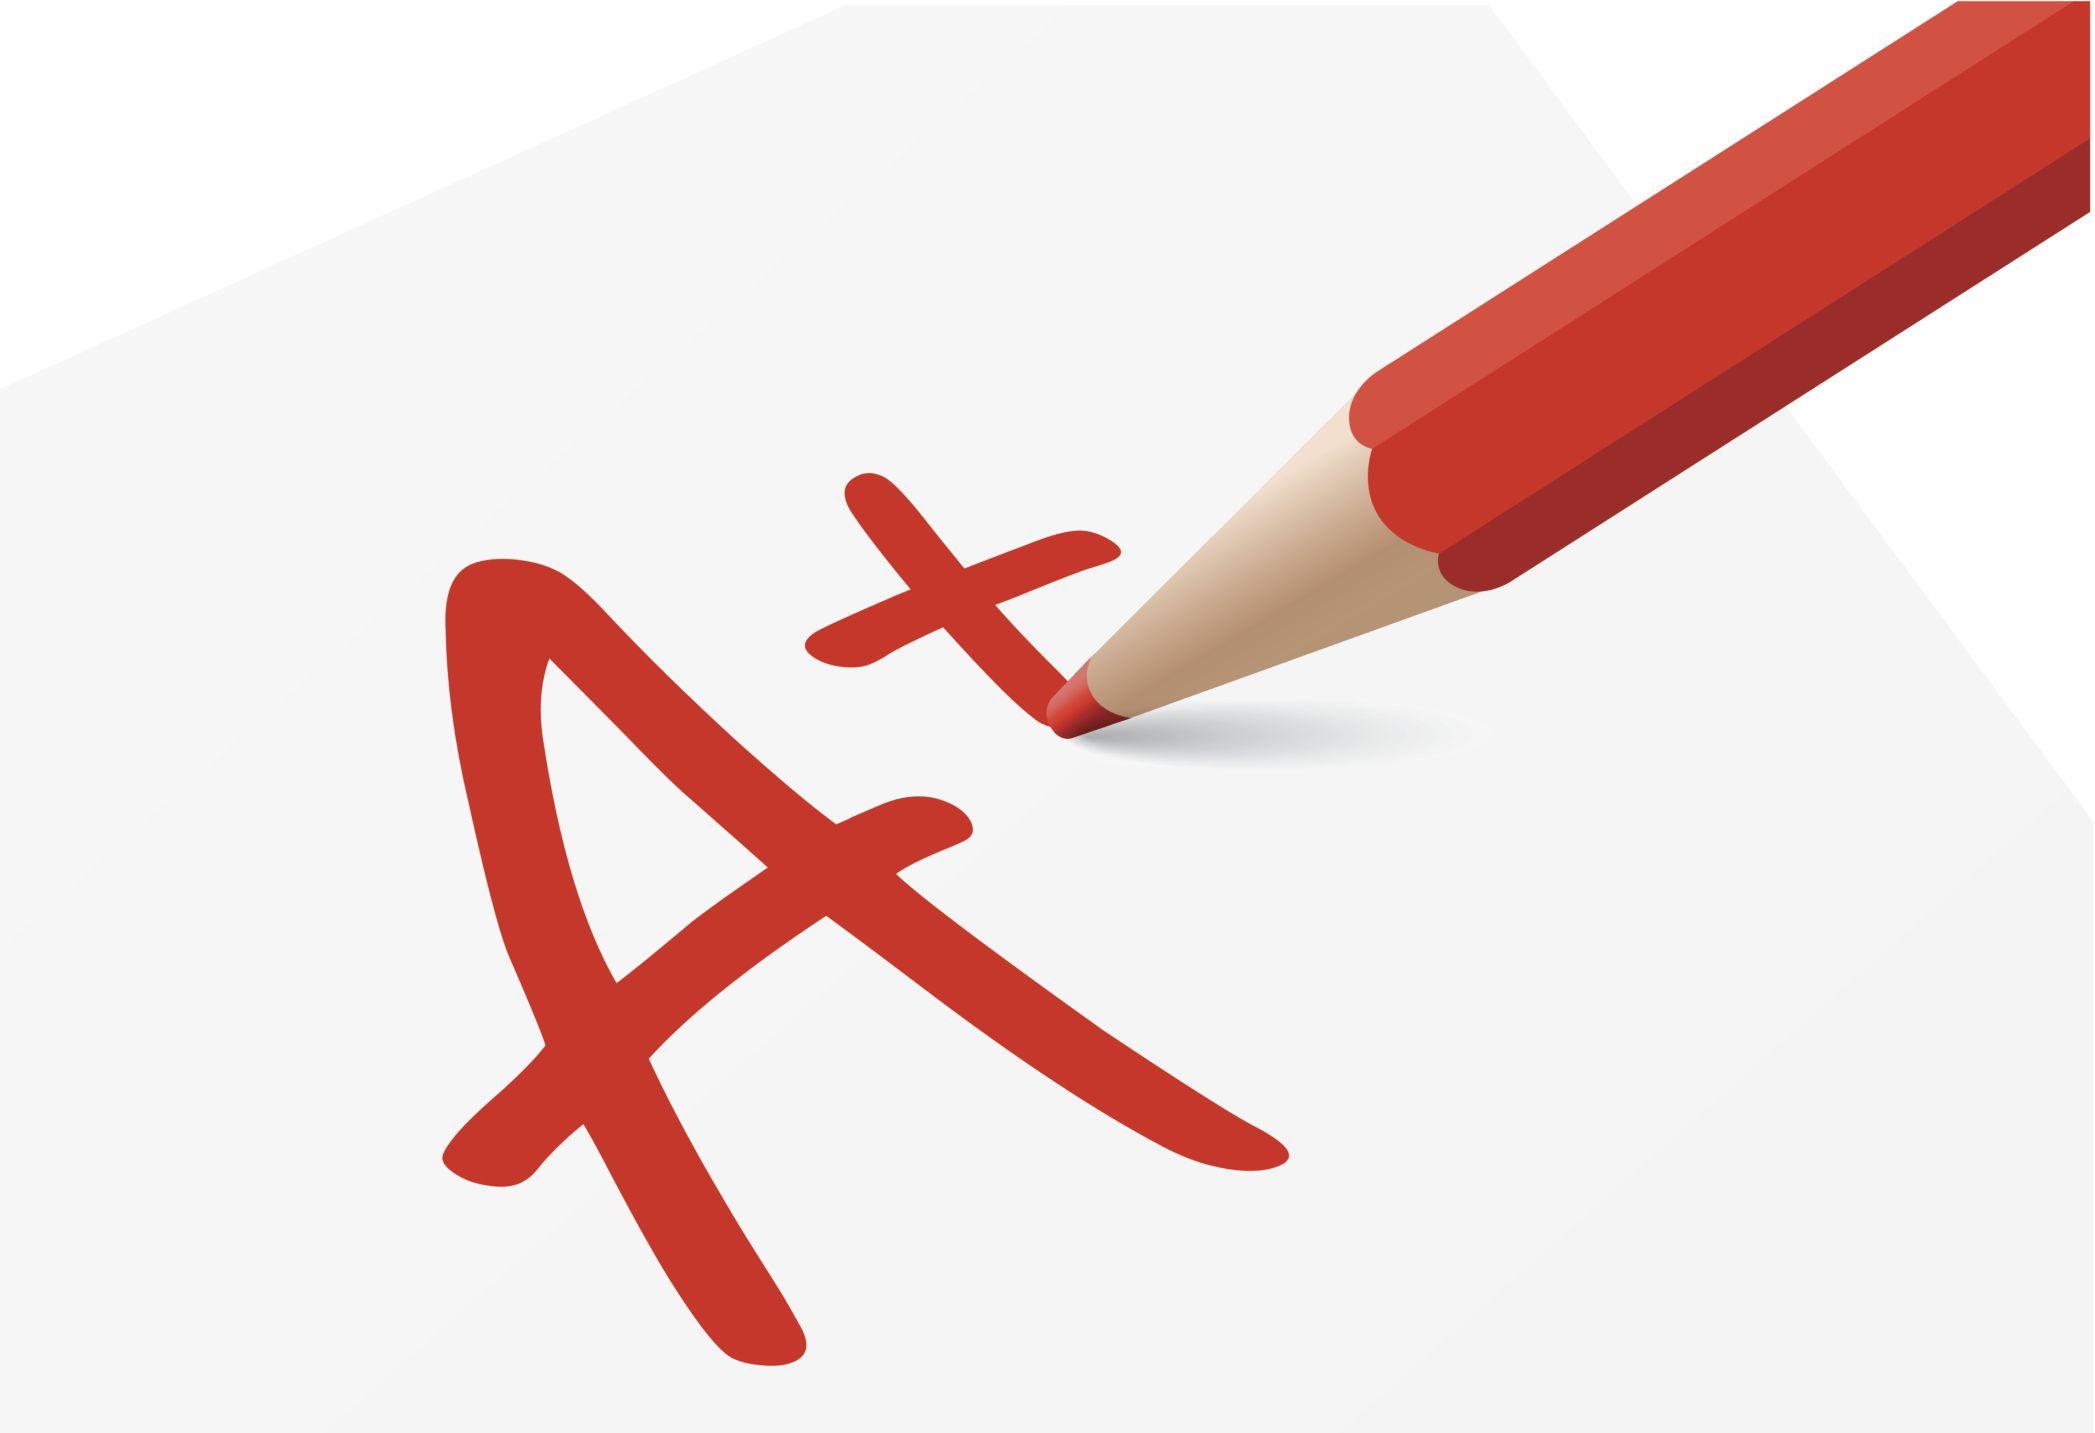 Lápiz rojo y calificación